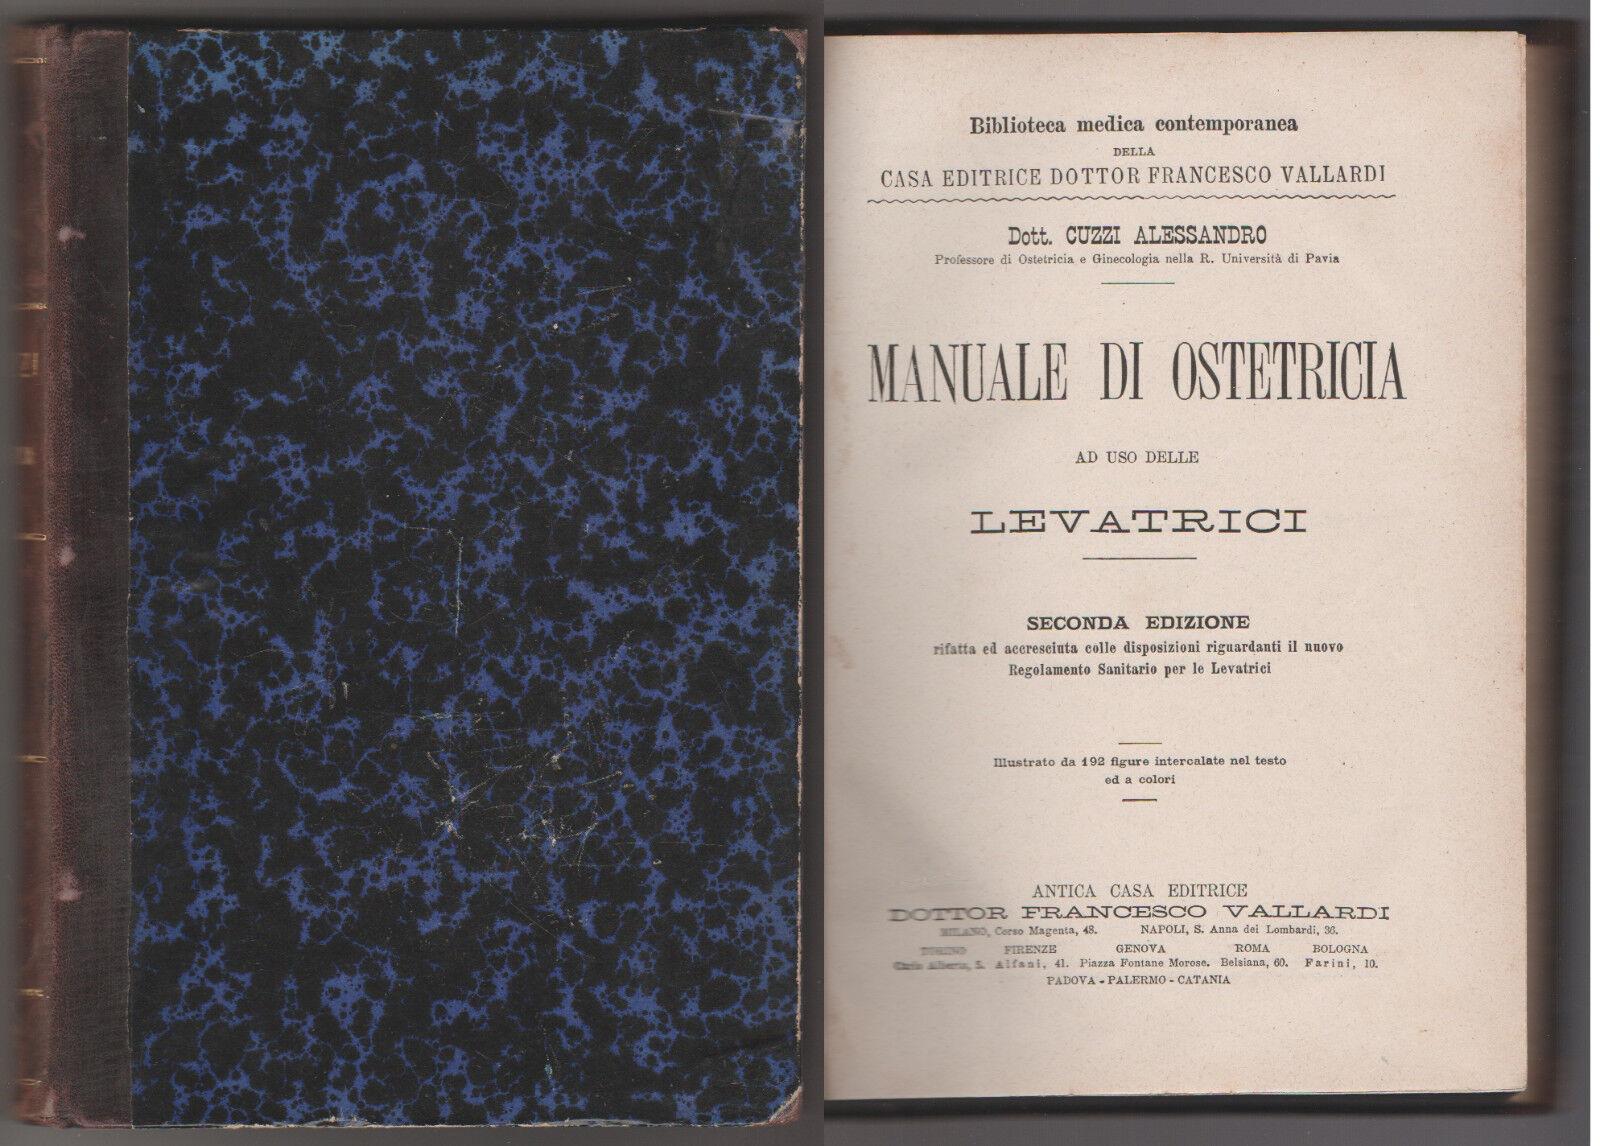 Manuale di ostetricia ad uso delle levatrici 2°ed.